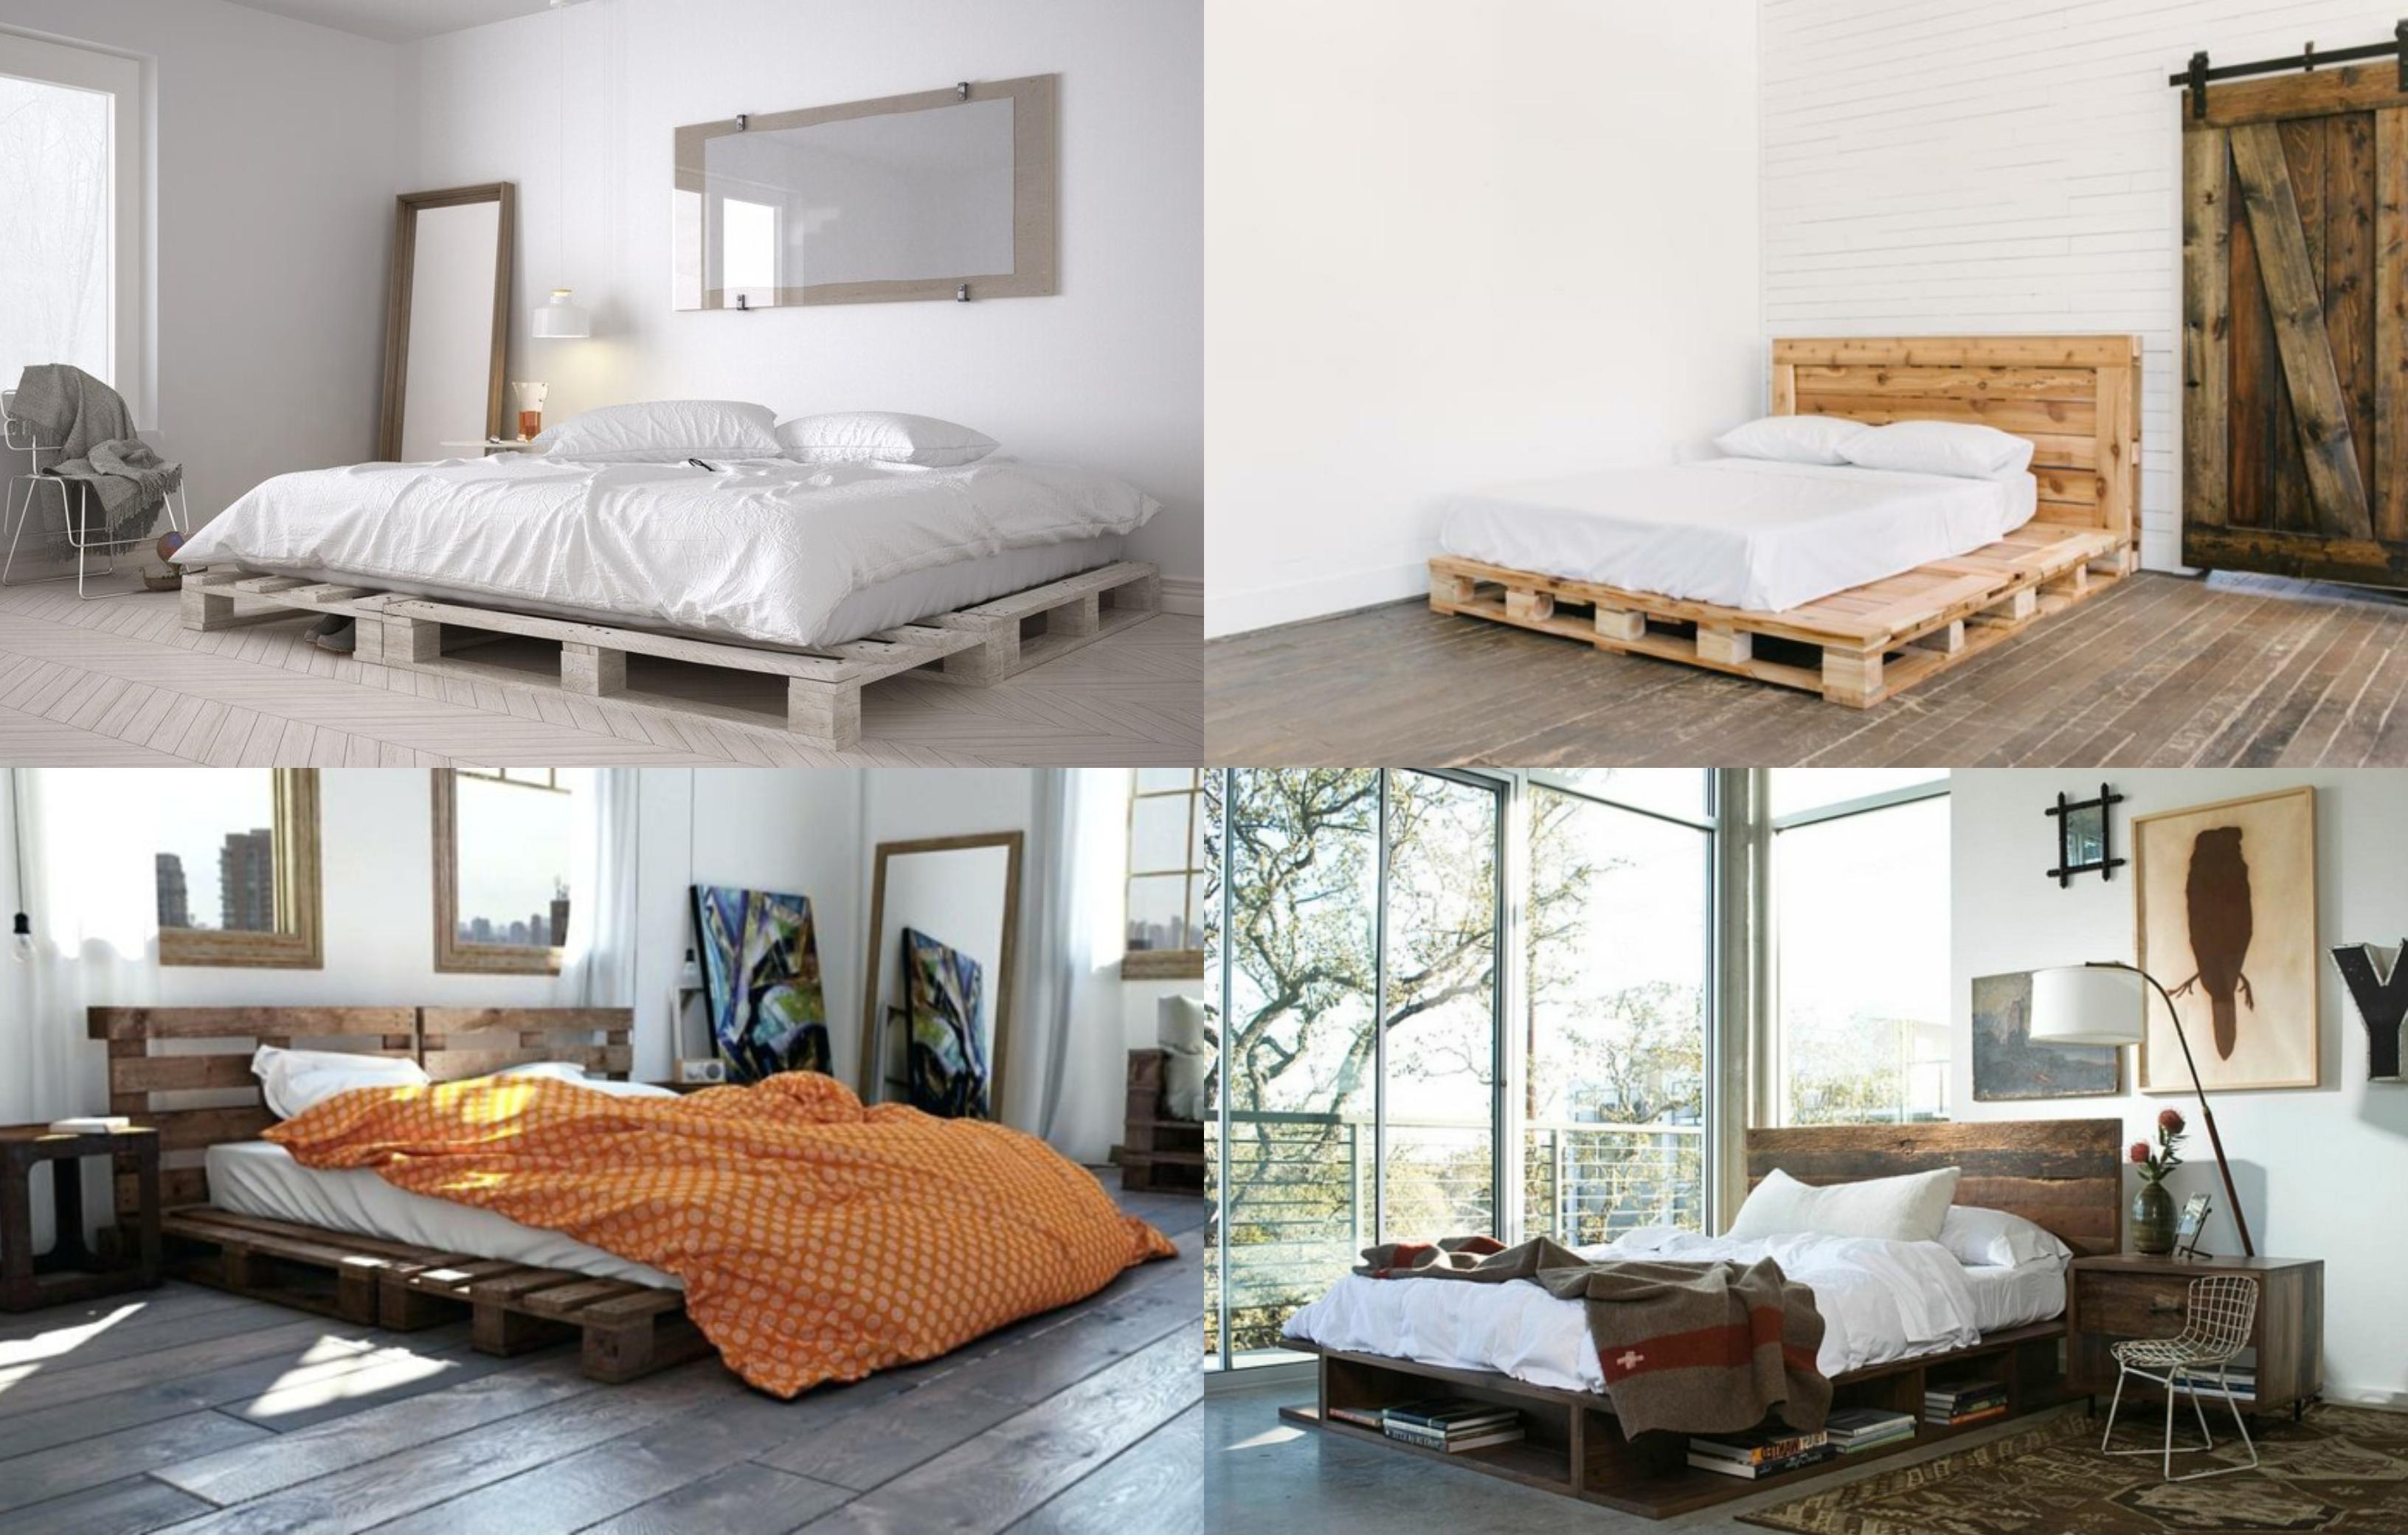 cuatro propuestas de muebles con palets, dormitorios acogedores con camas DIY hechas con palets